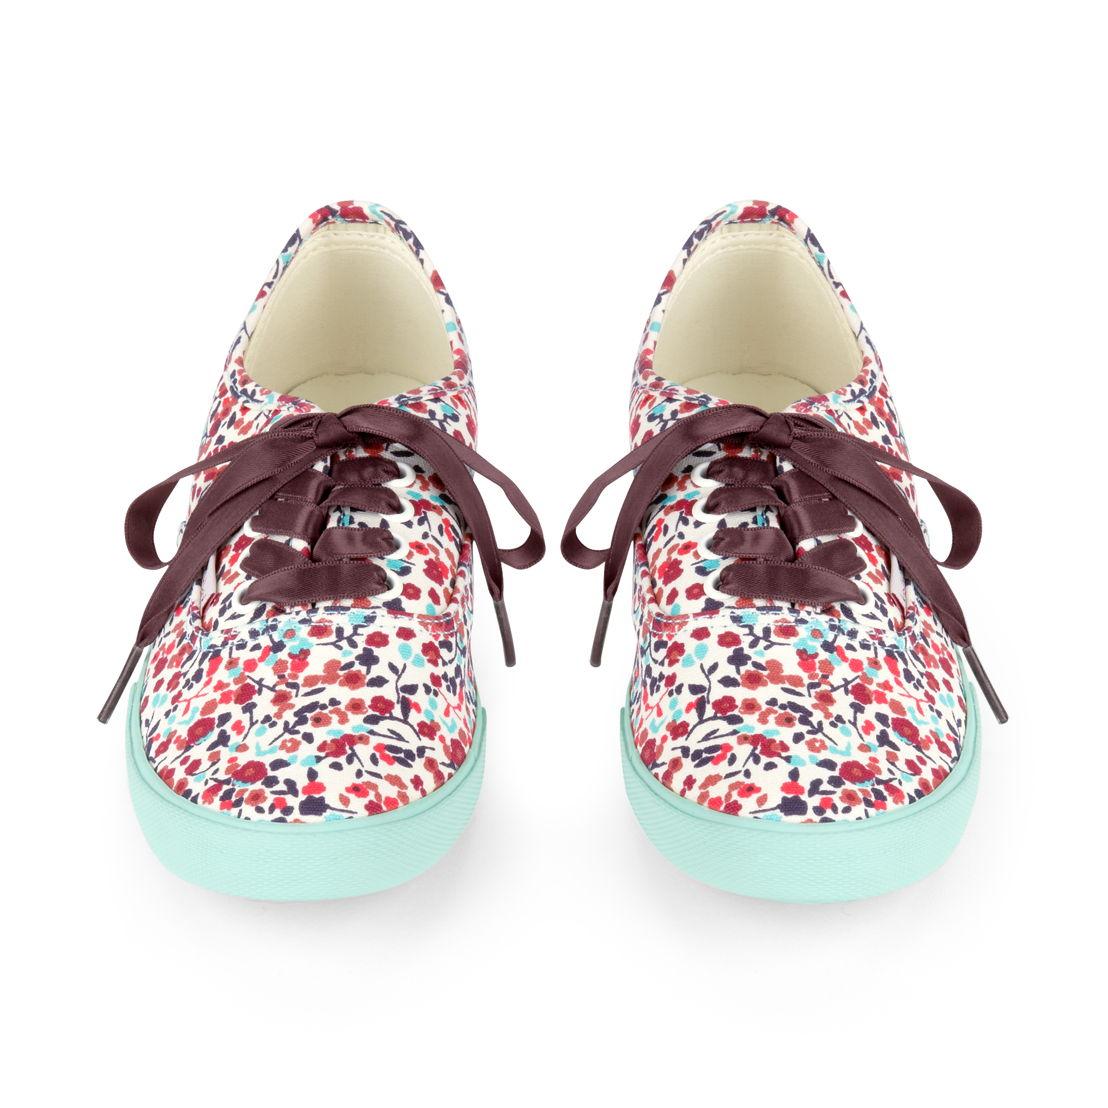 Sneakers in Bloom